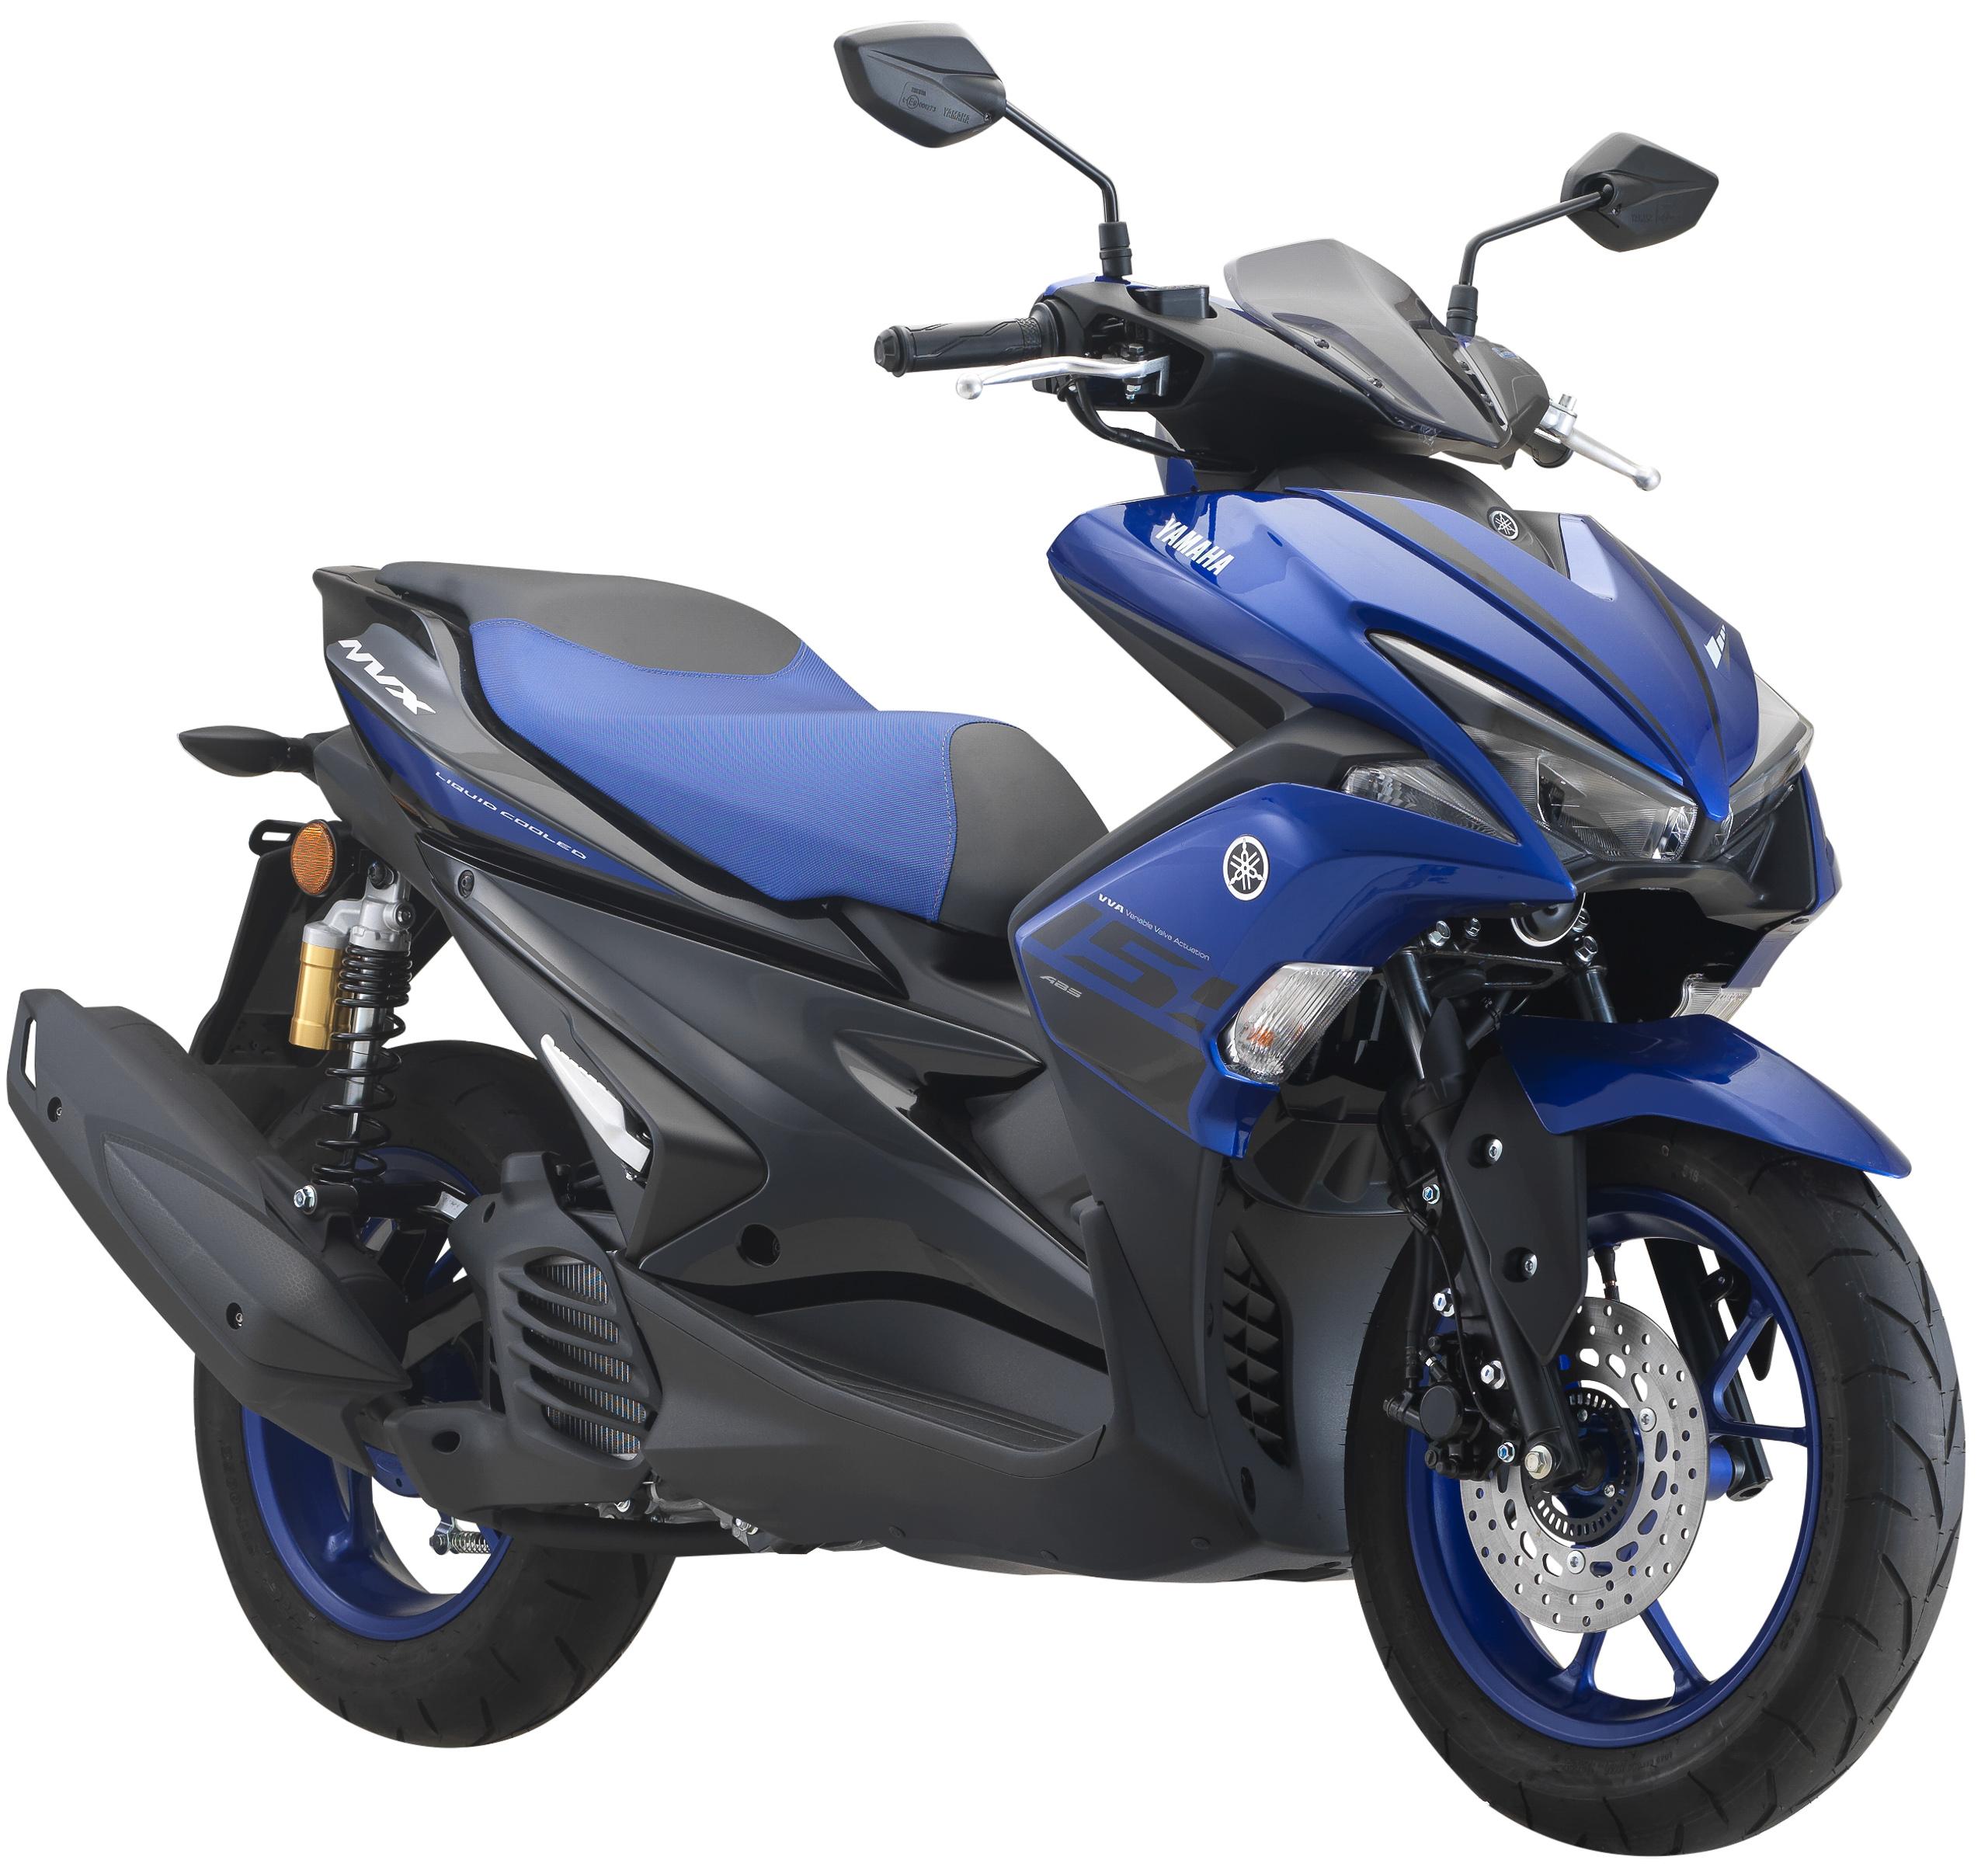 Yamaha-NVX-2019-Blue-BM-6